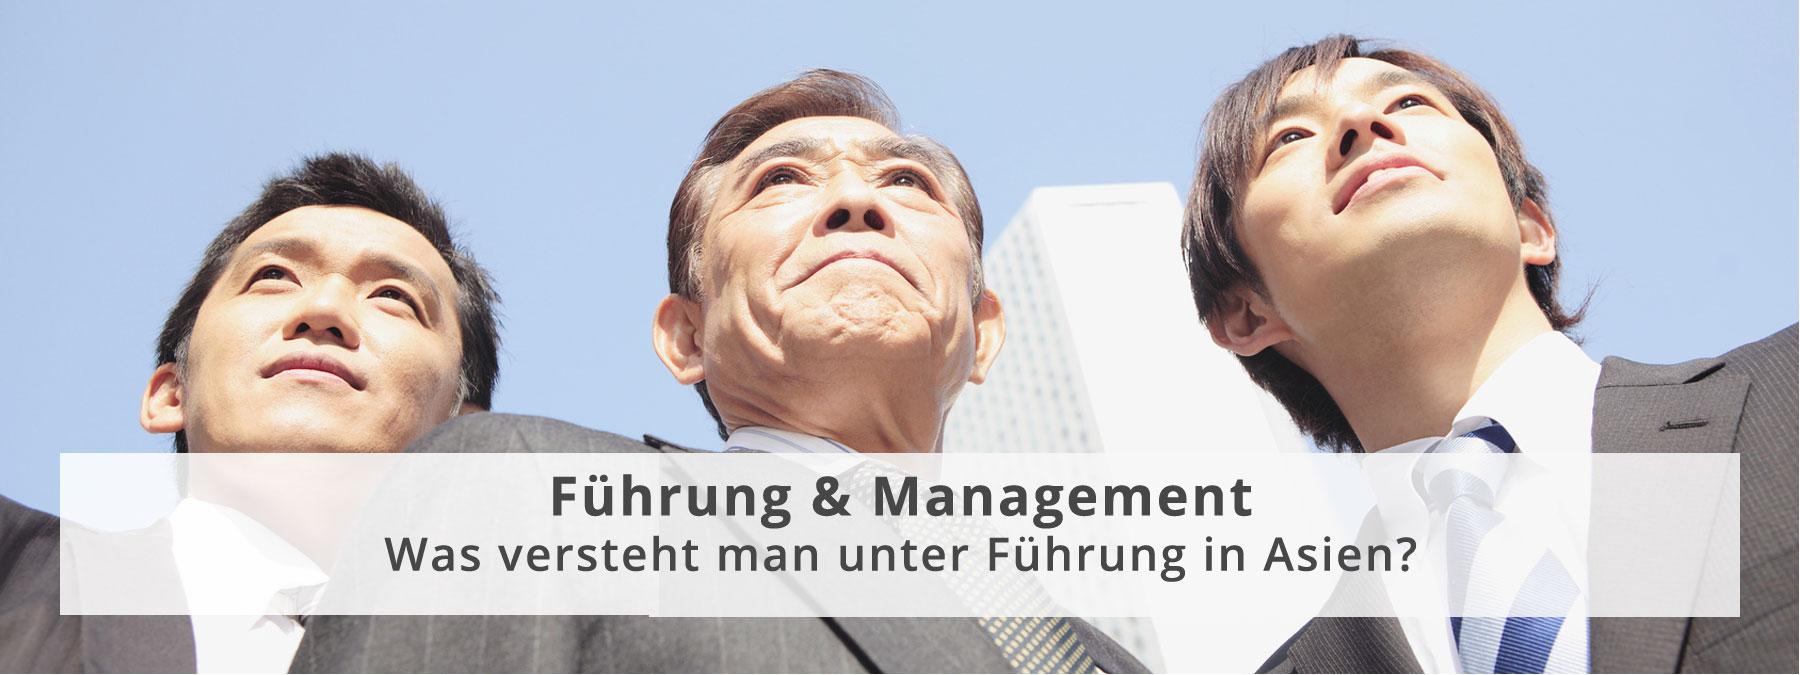 Führung & Management - Was versteht man unter Führung in Asien?